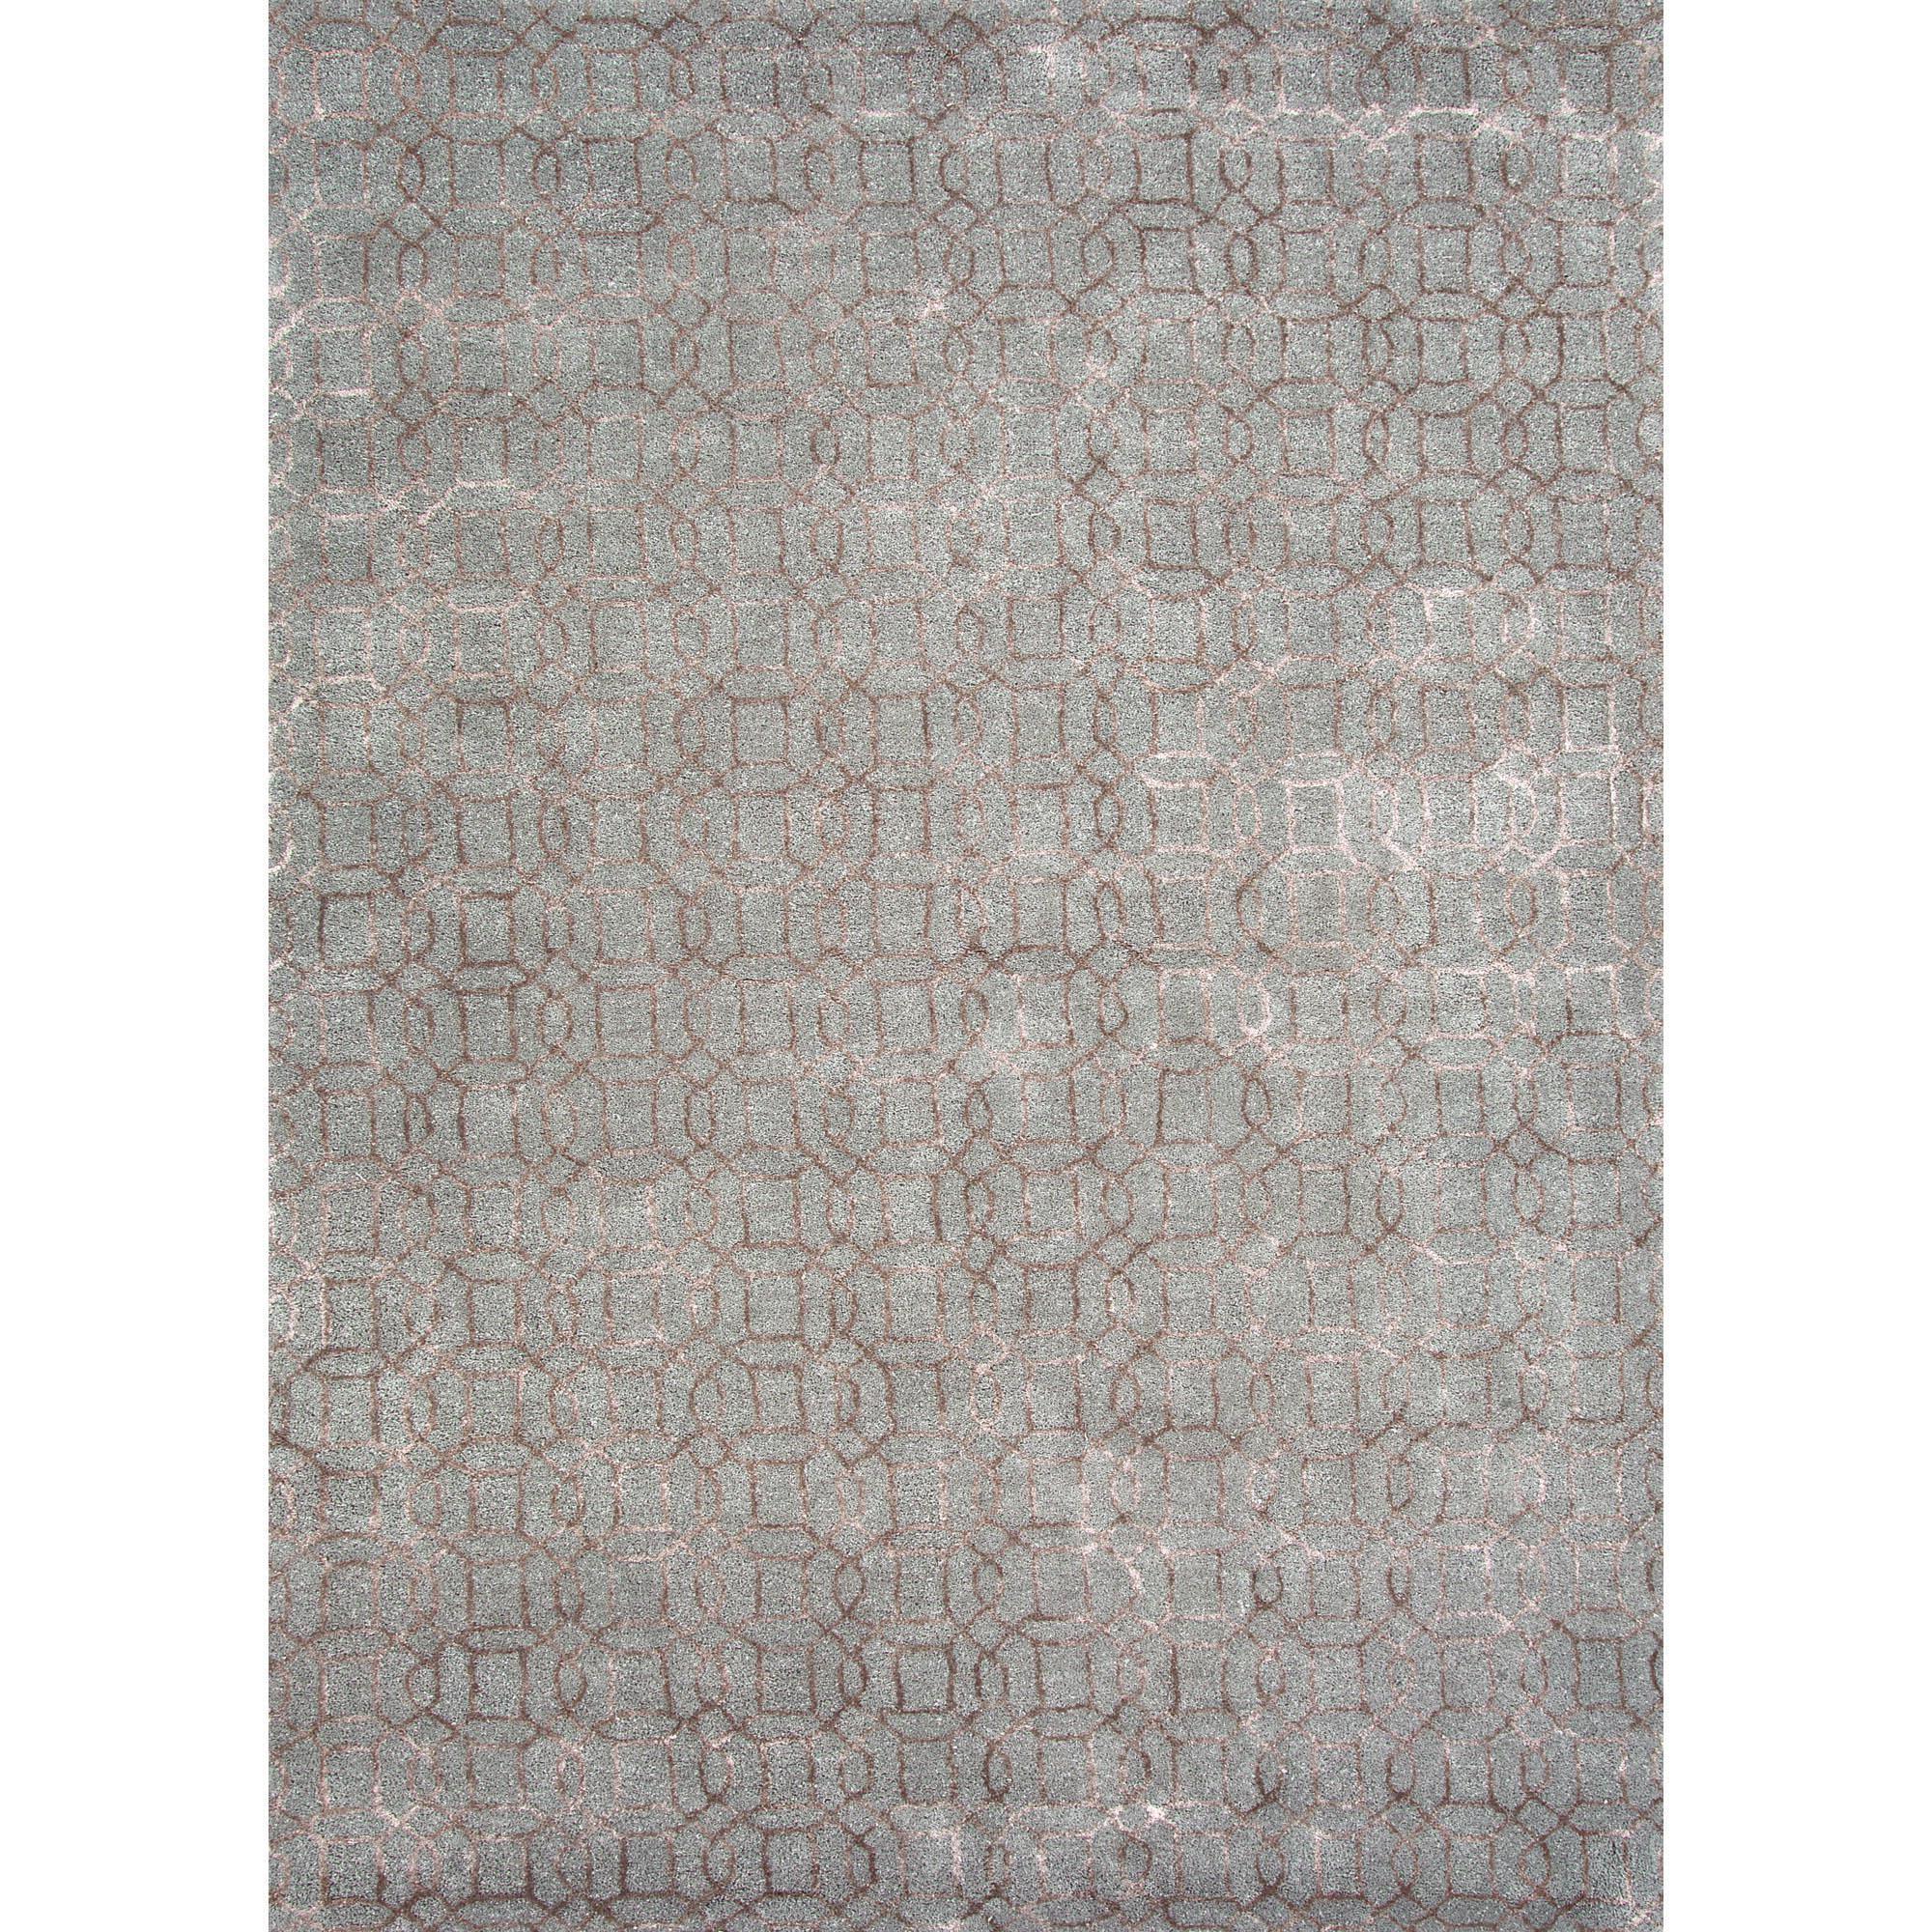 JAIPUR Rugs Baroque 5 x 8 Rug - Item Number: RUG100697